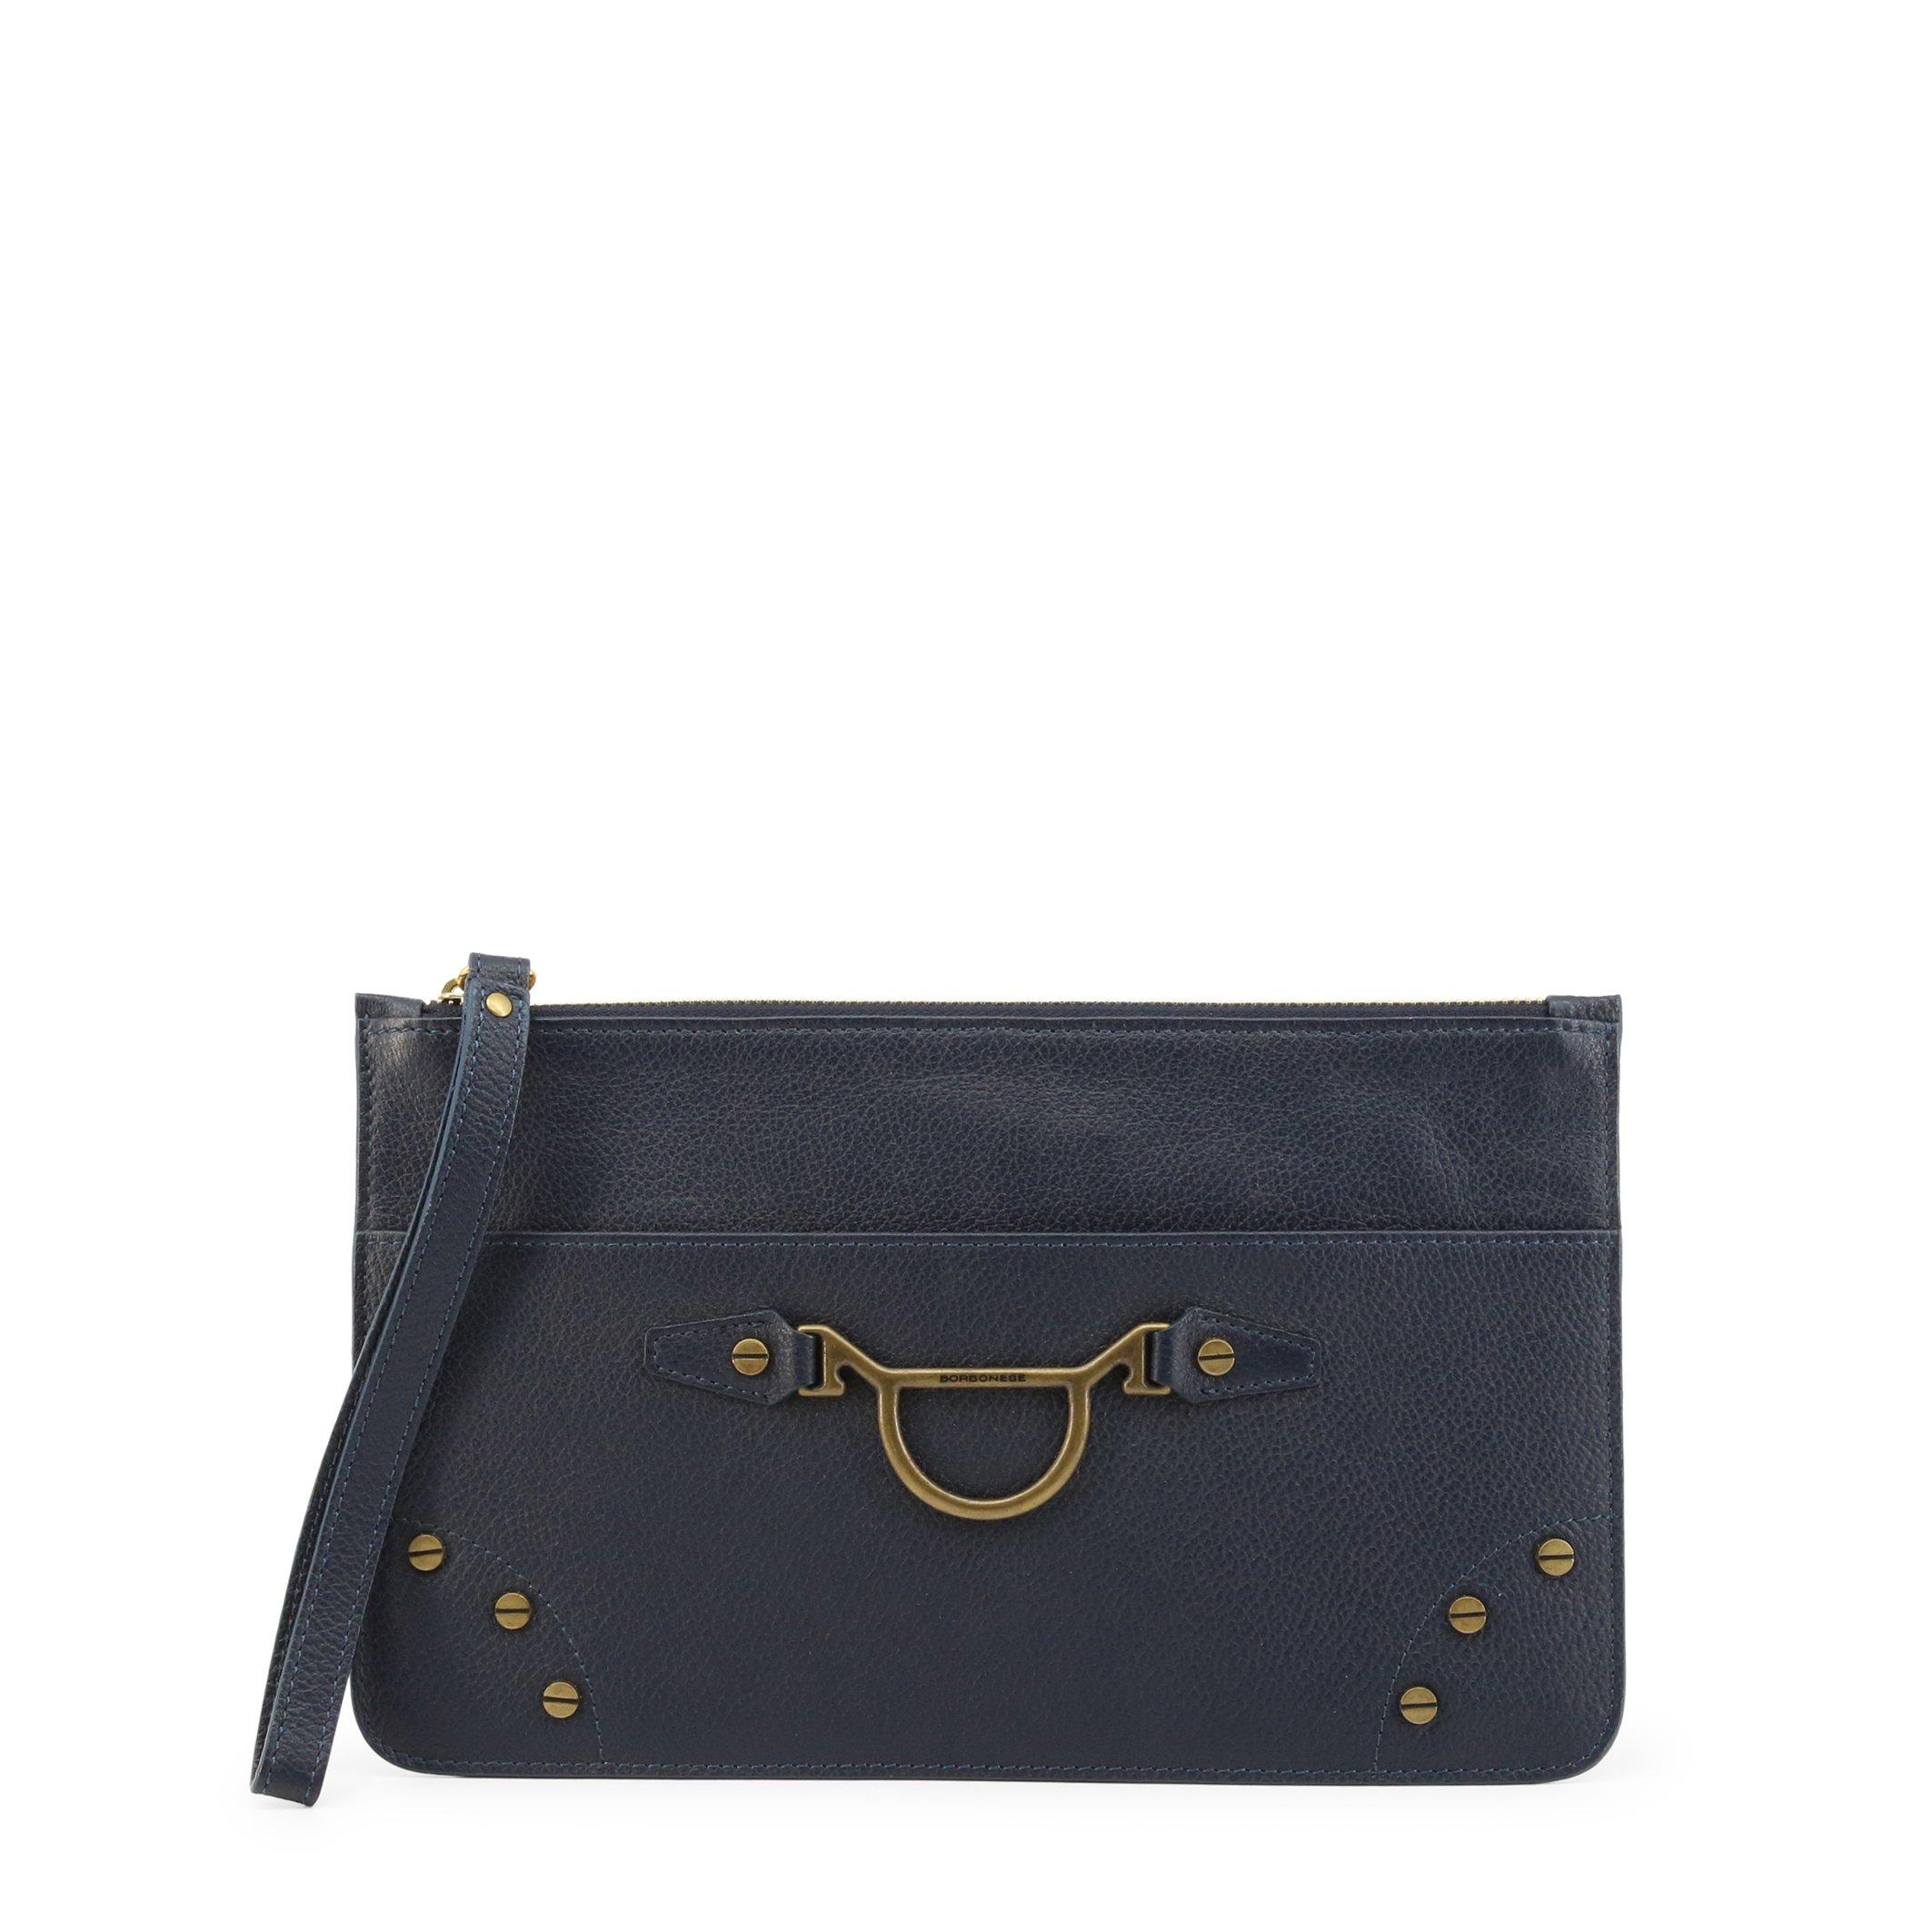 Borbonese Women's Clutch Bag Various Colours 962001-526 - blue NOSIZE